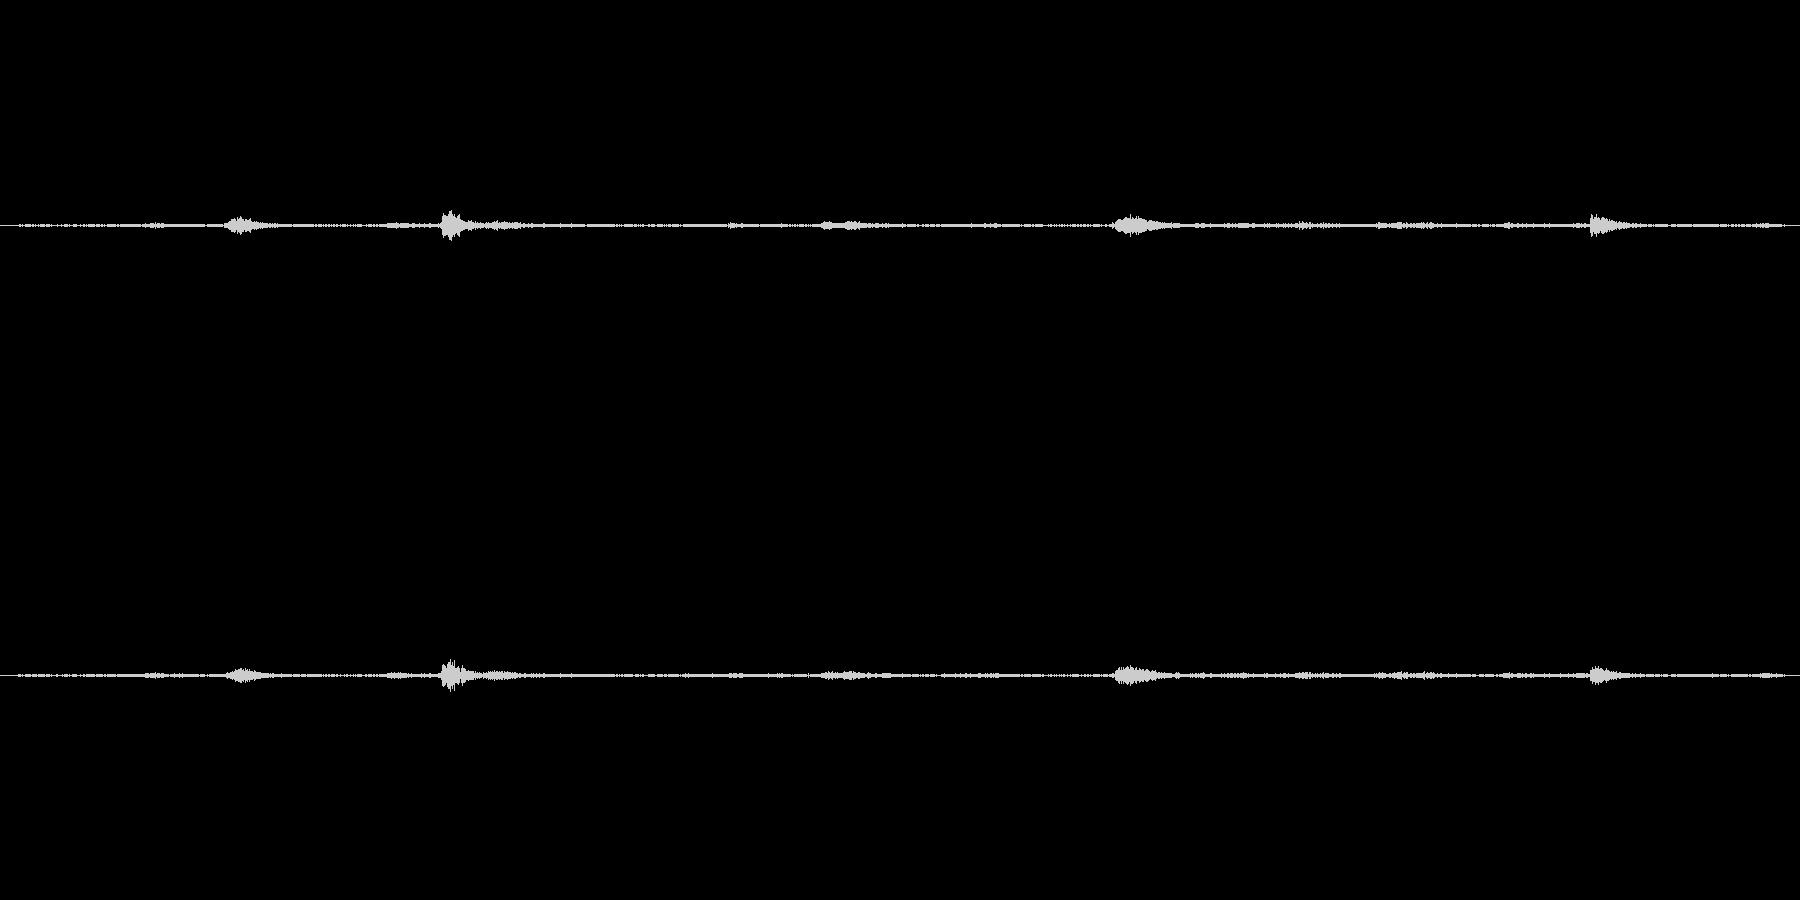 【生音】キッチン・食器・ガラス - 8の未再生の波形